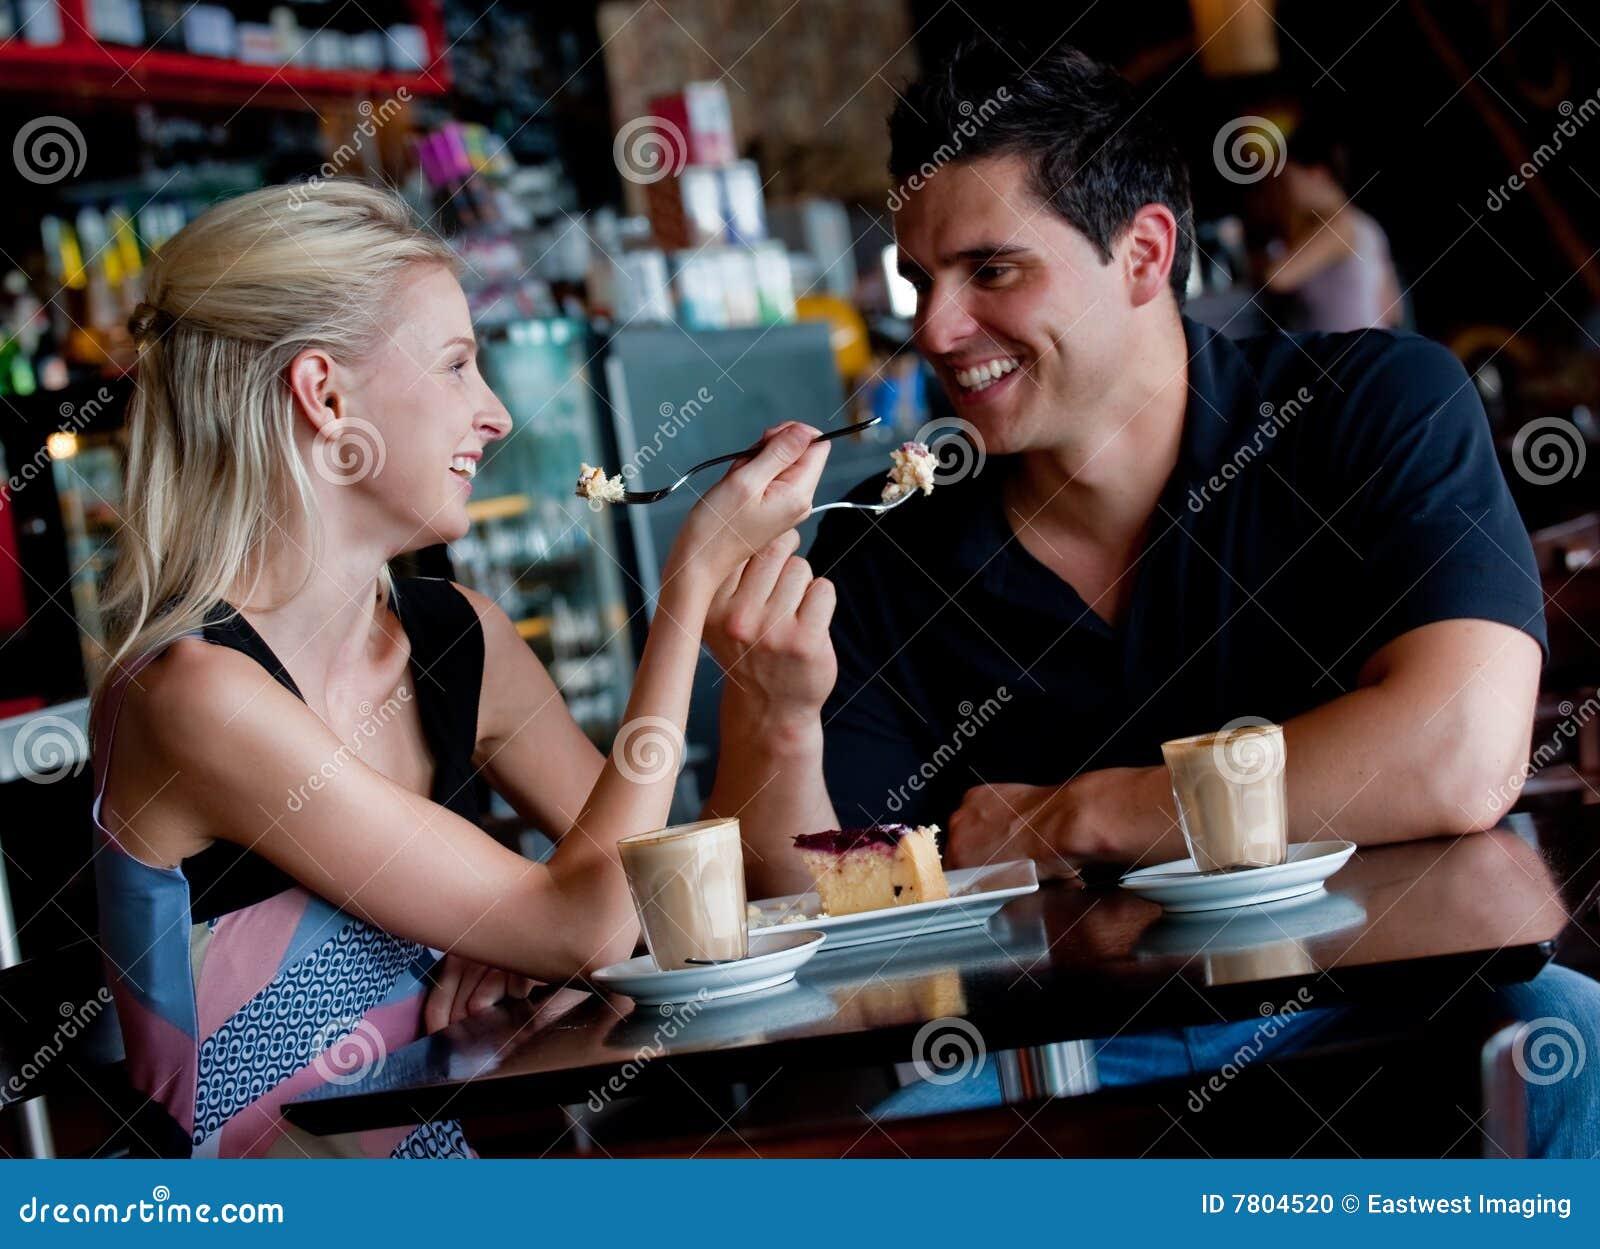 Paar in Koffie